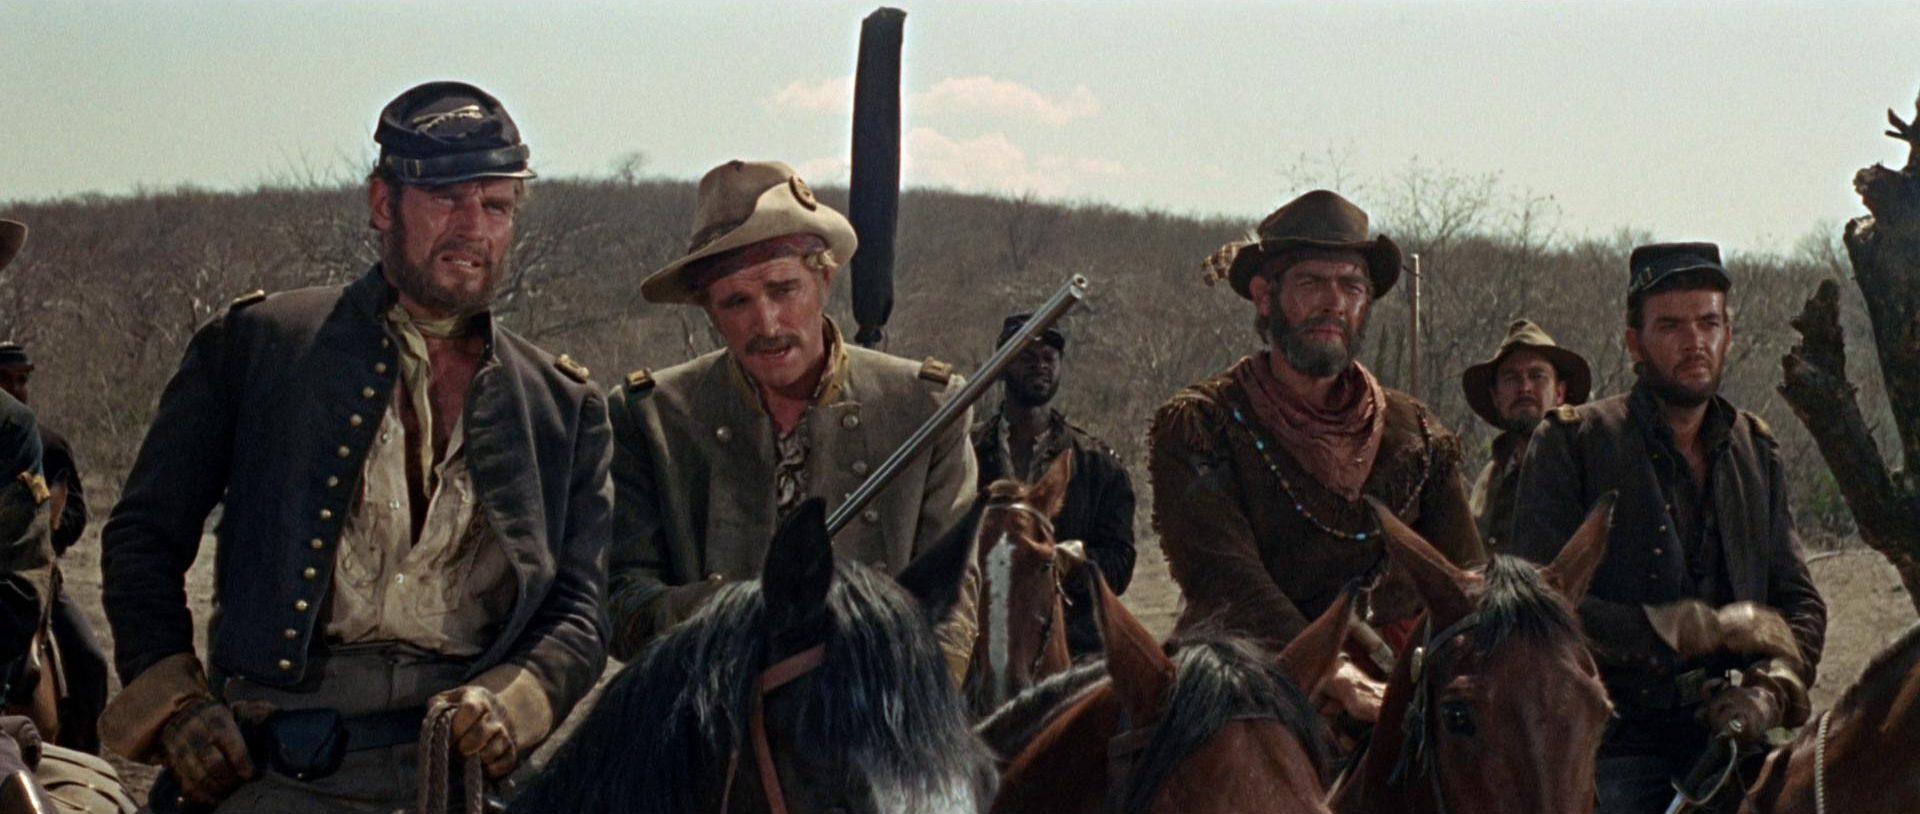 Nahaufnahme von Charlton Heston als Major Dundee zu Pferd in Begleitung seiner Mitstreiter (unter anderen Richard Harris als Konföderiertenoffizier und James Coburn als Scout).